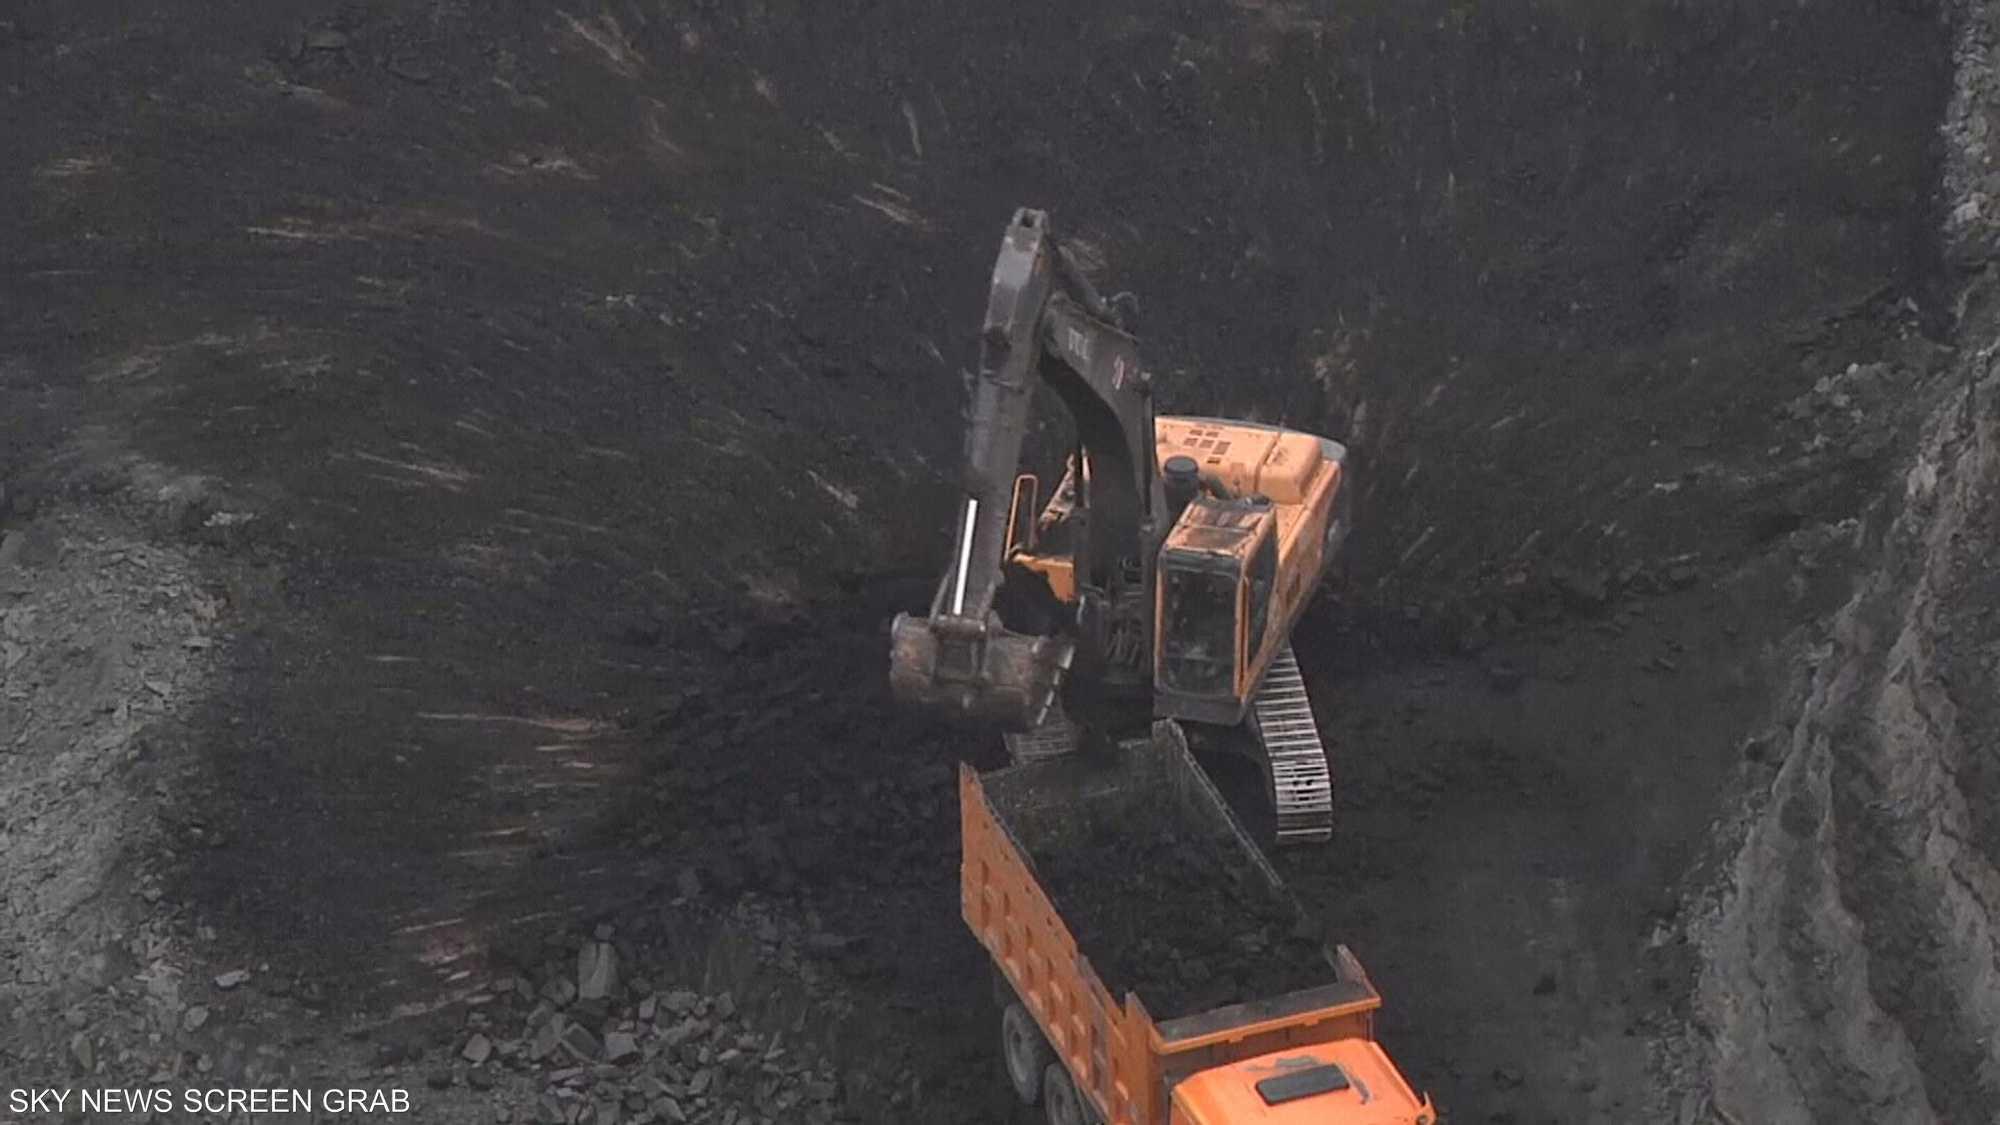 اتجاه لخفض الاعتماد على الفحم في توليد الطاقة